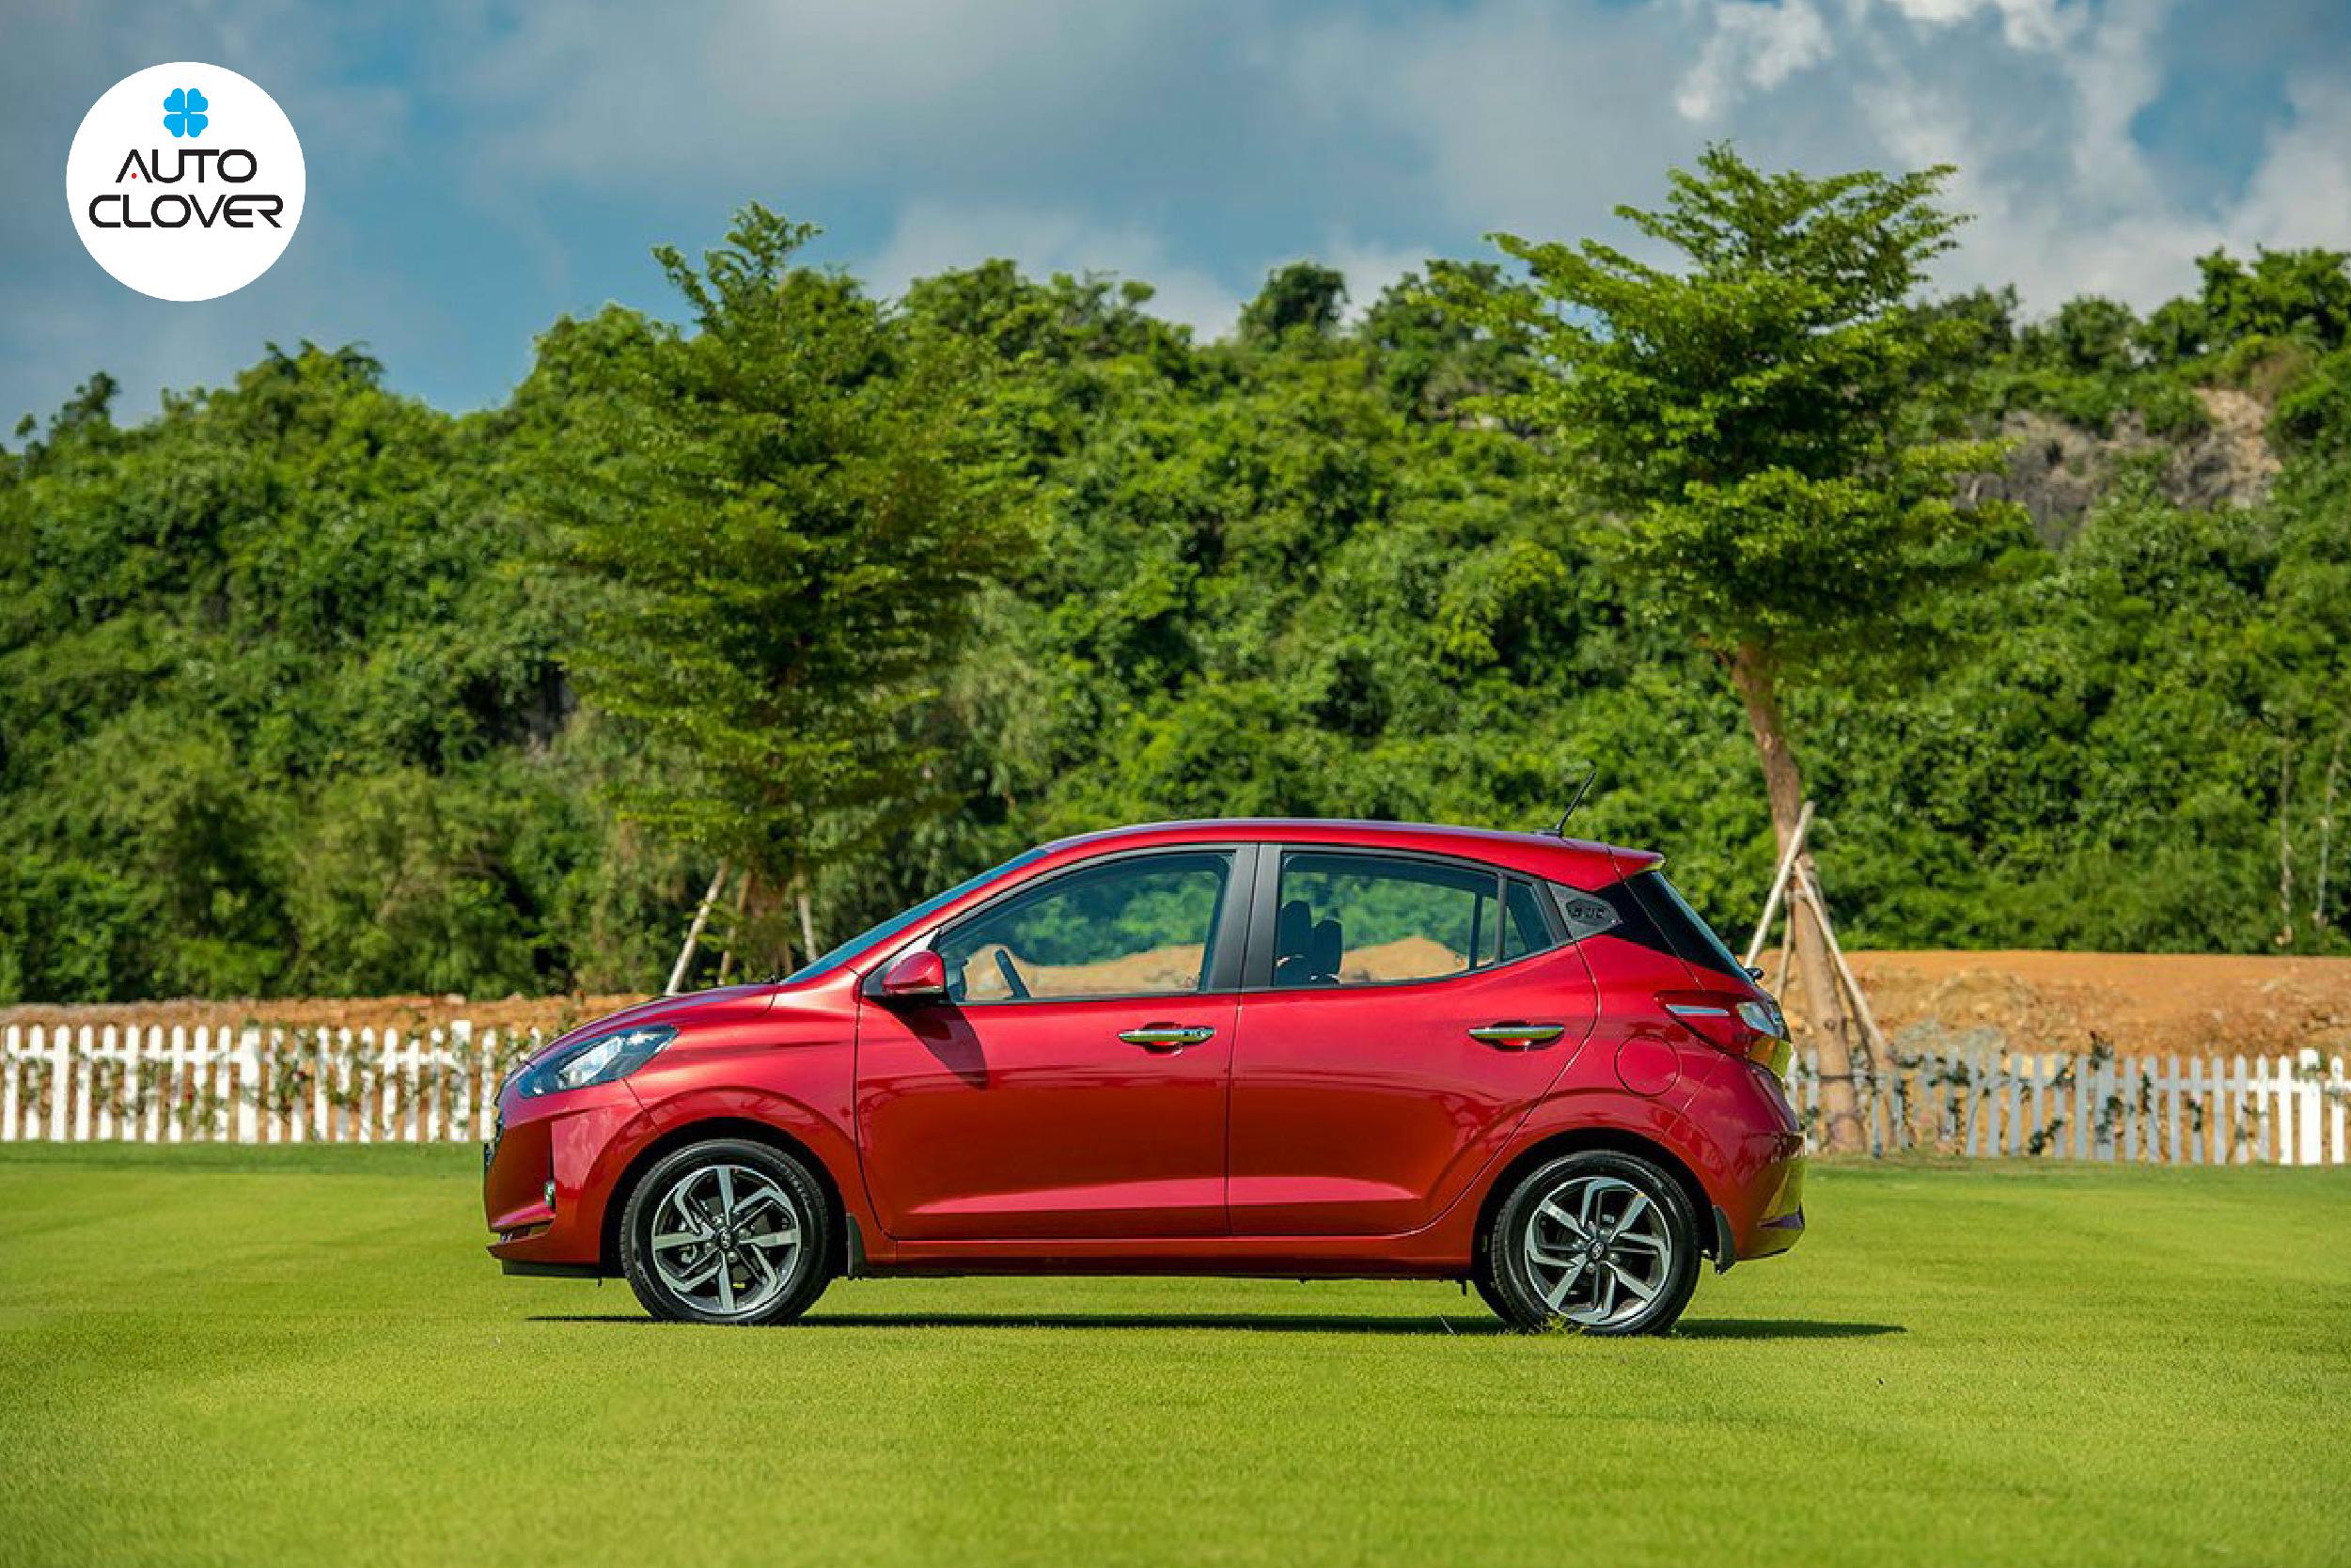 Giá xe ô tô i10 mới nhất được đánh giá tương xứng với các tính năng hiện đại của xe